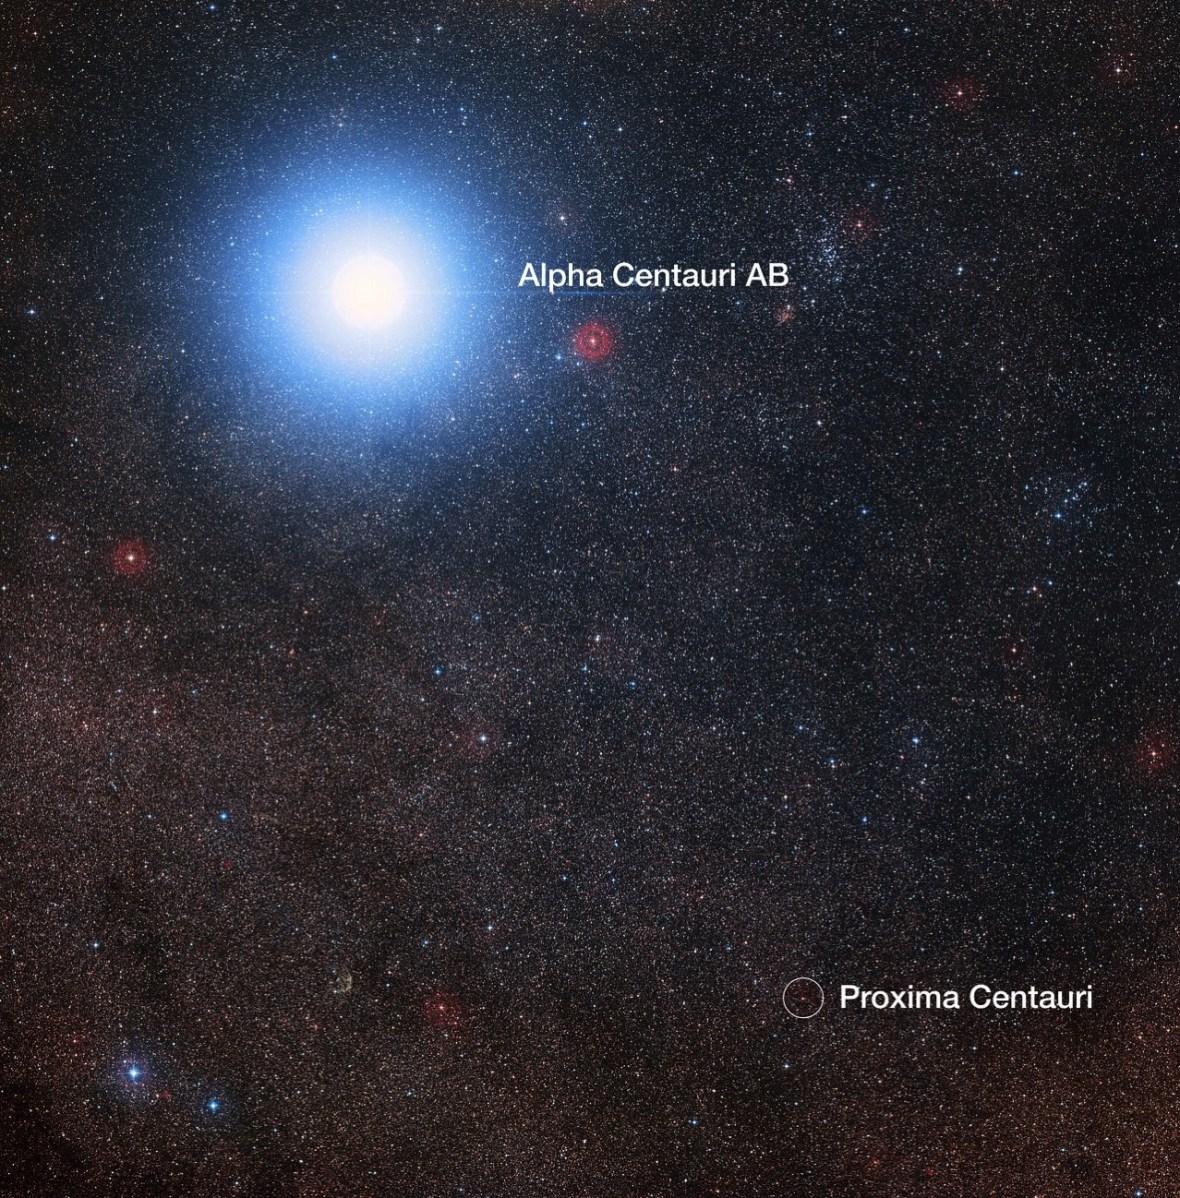 Слика 1. Небото околу алфа и Проксима кентаур. ©Дигиталното истражување на небото 2 (DSS2)